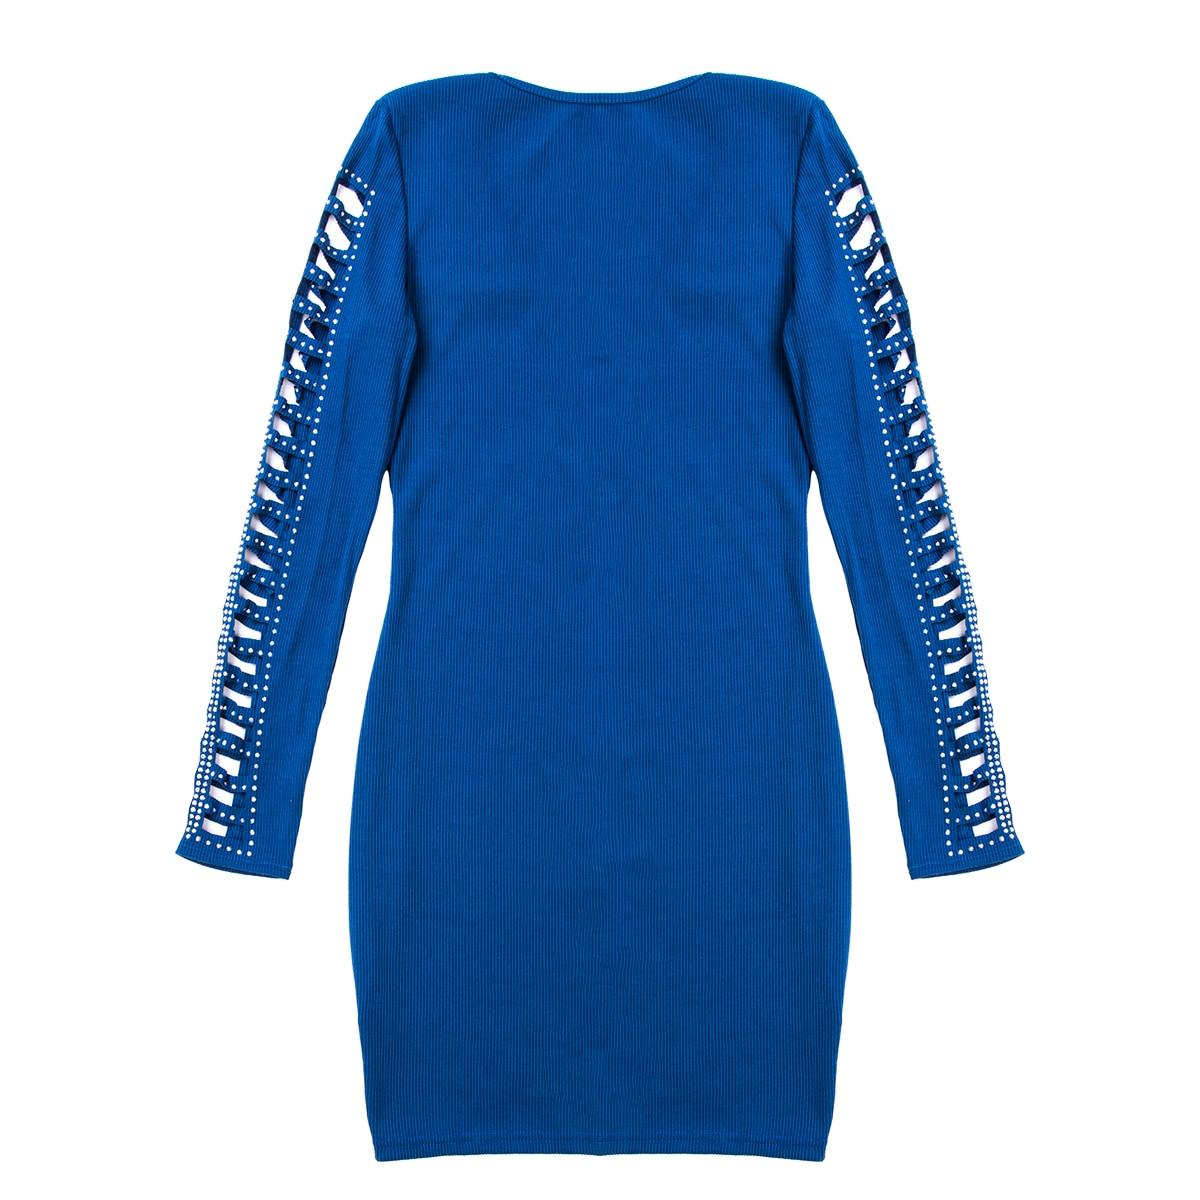 女性の冬のセーターボディコンミニジャンパークリスタルニット長袖ドレス